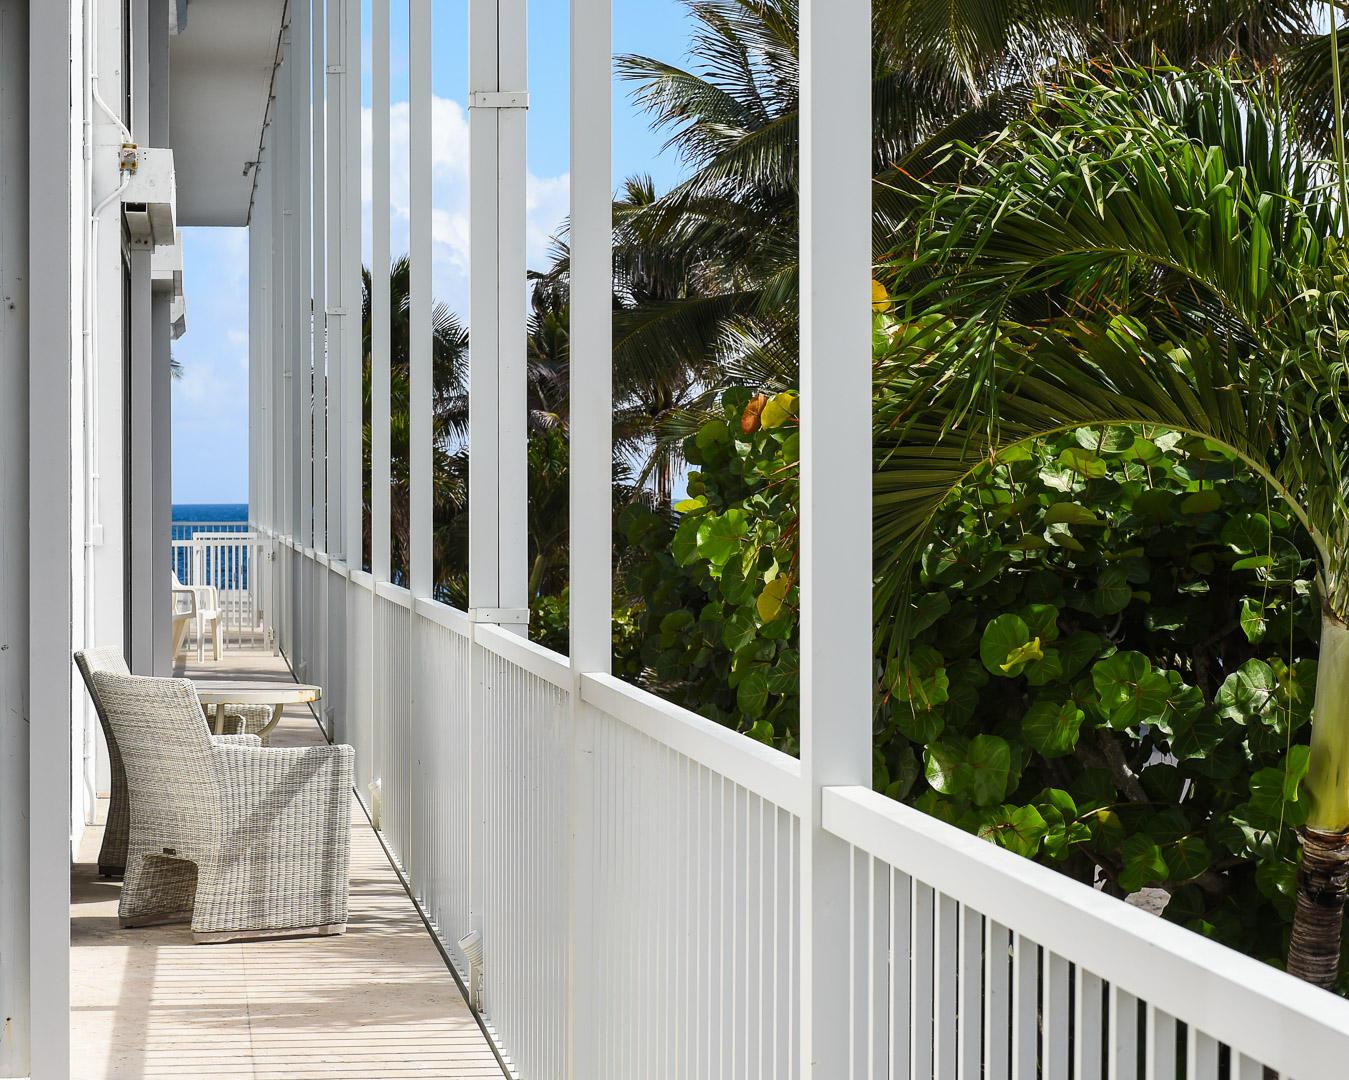 FOUR HUNDRED SO OCEAN BLVD CONDO PALM BEACH FLORIDA